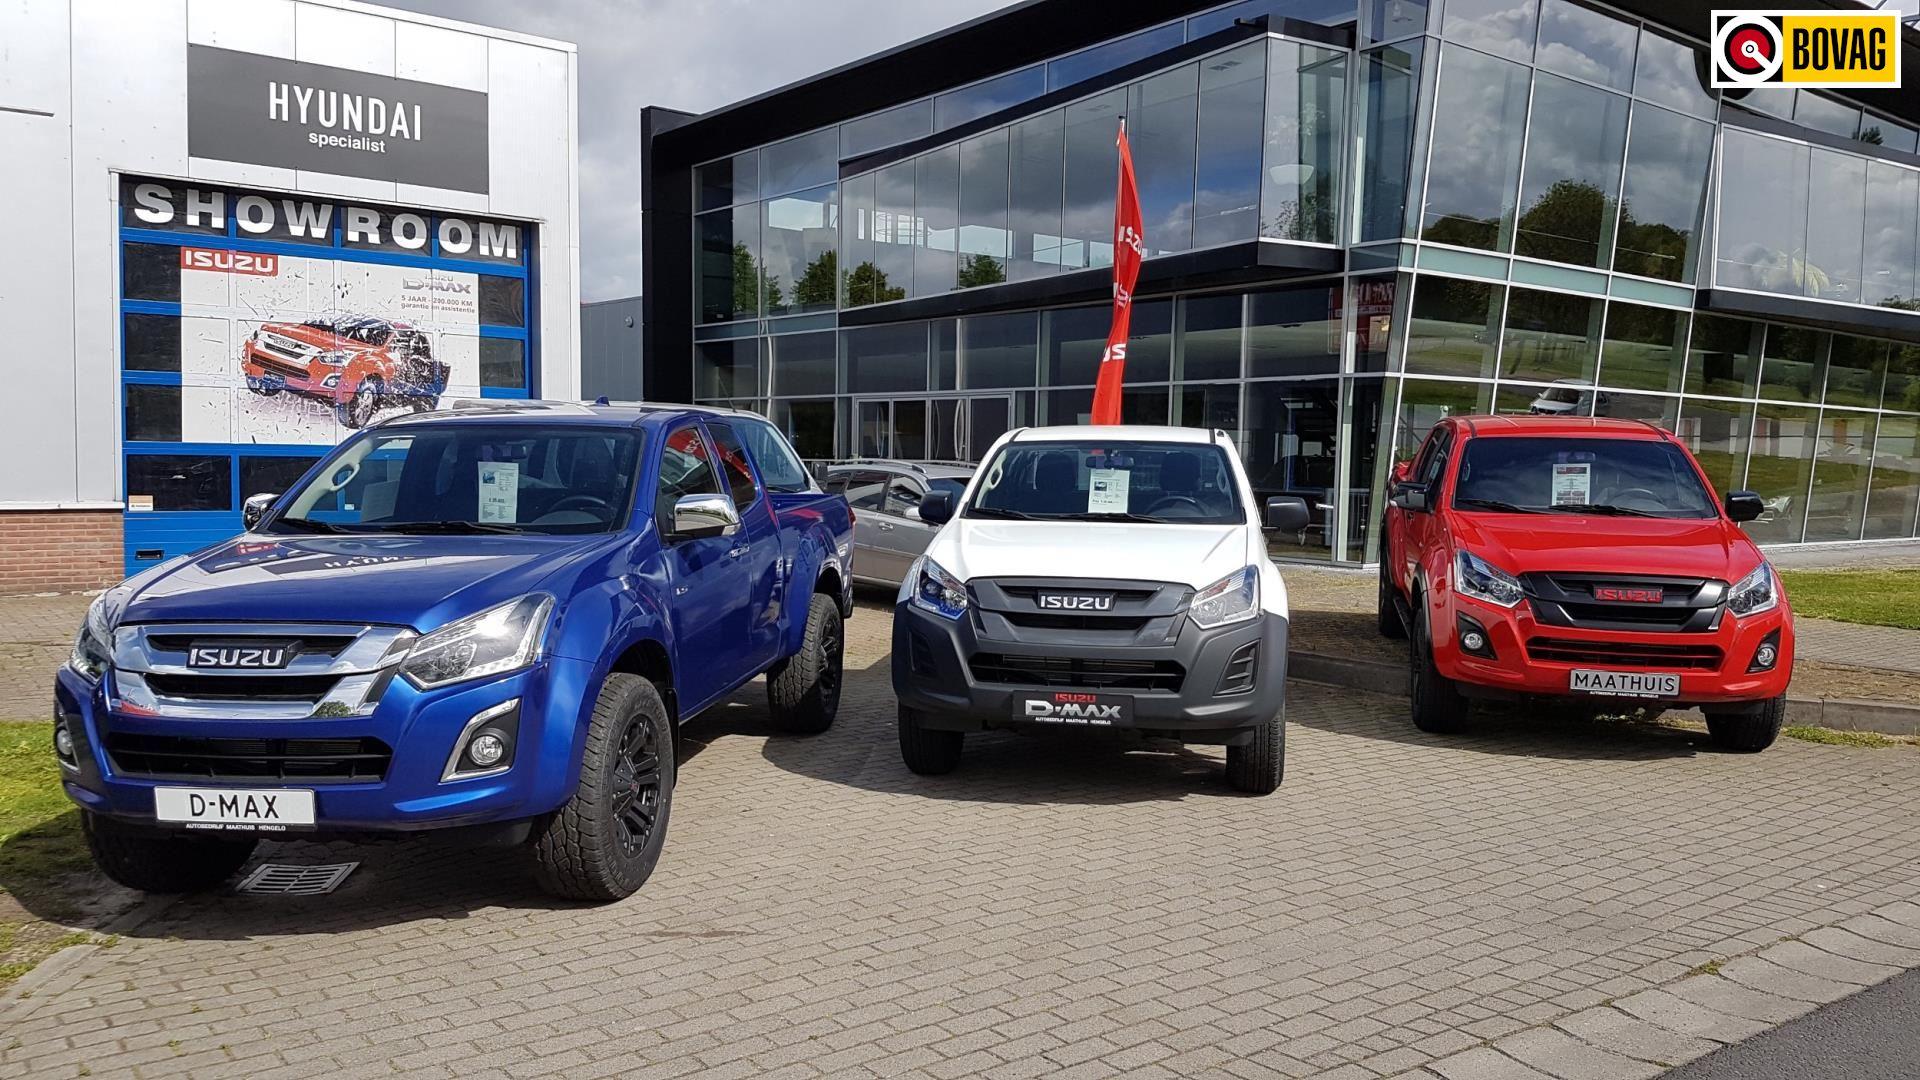 Isuzu D-Max occasion - Autobedrijf  Maathuis Hengelo